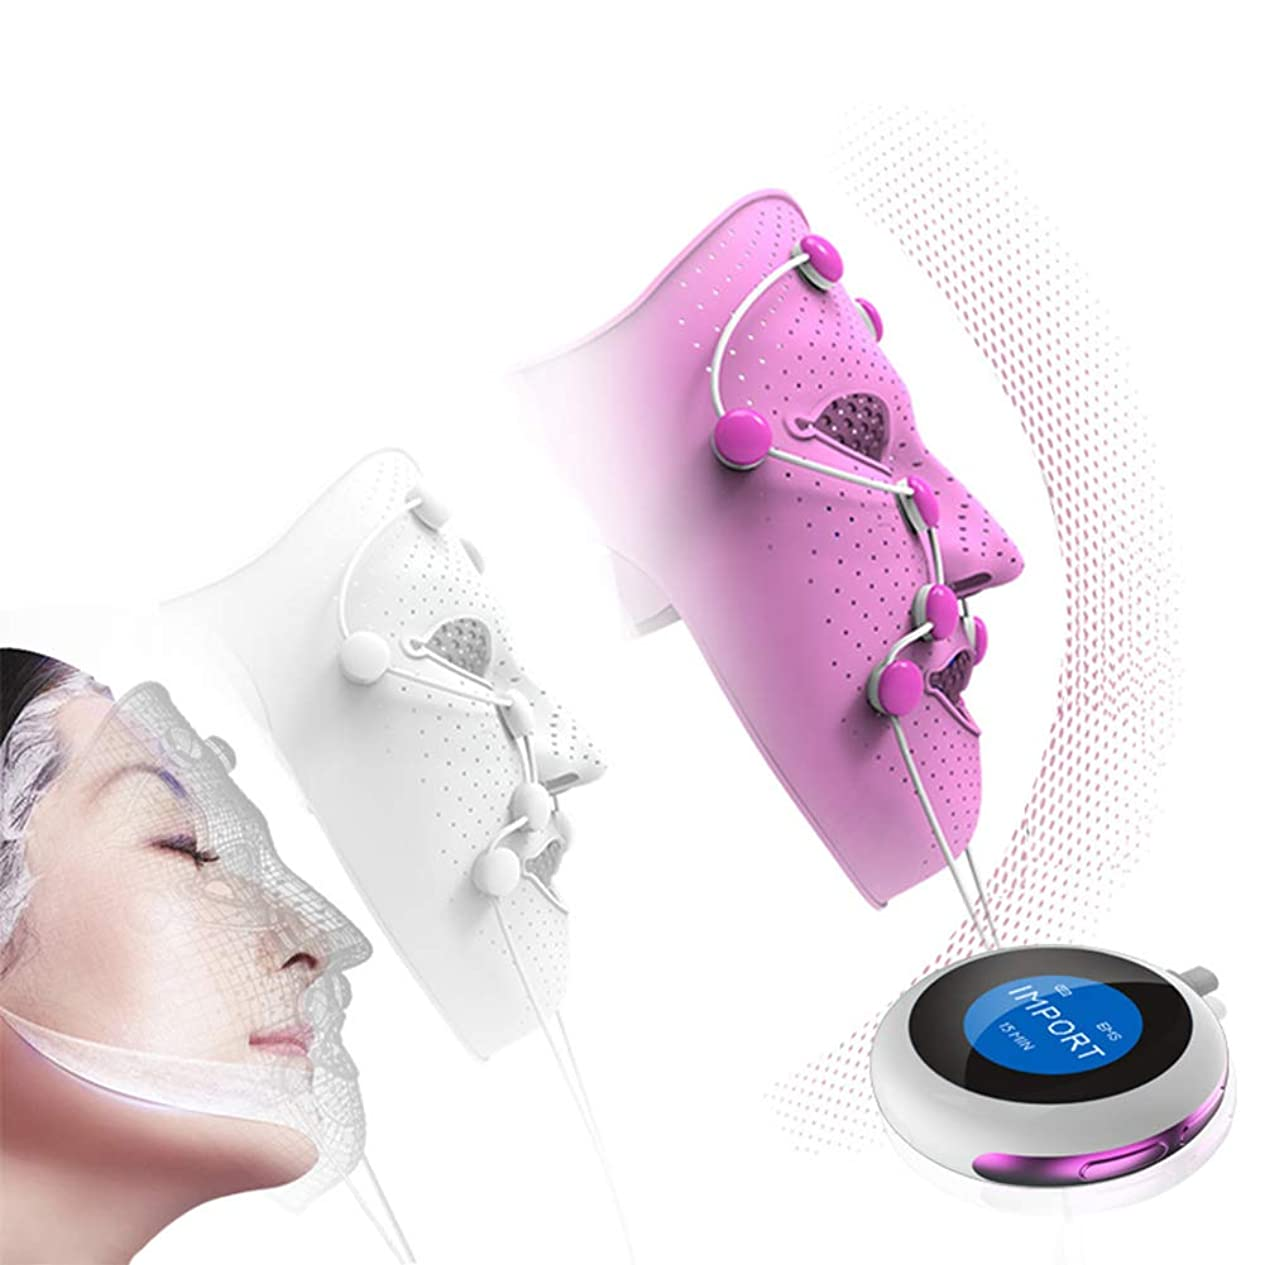 童謡貫通最大化するマッサージマスク楽器 美容マスク装置 肌の若返りを紹介 EMSフェイスリフティング 顔の解毒 美容機器 マスク機